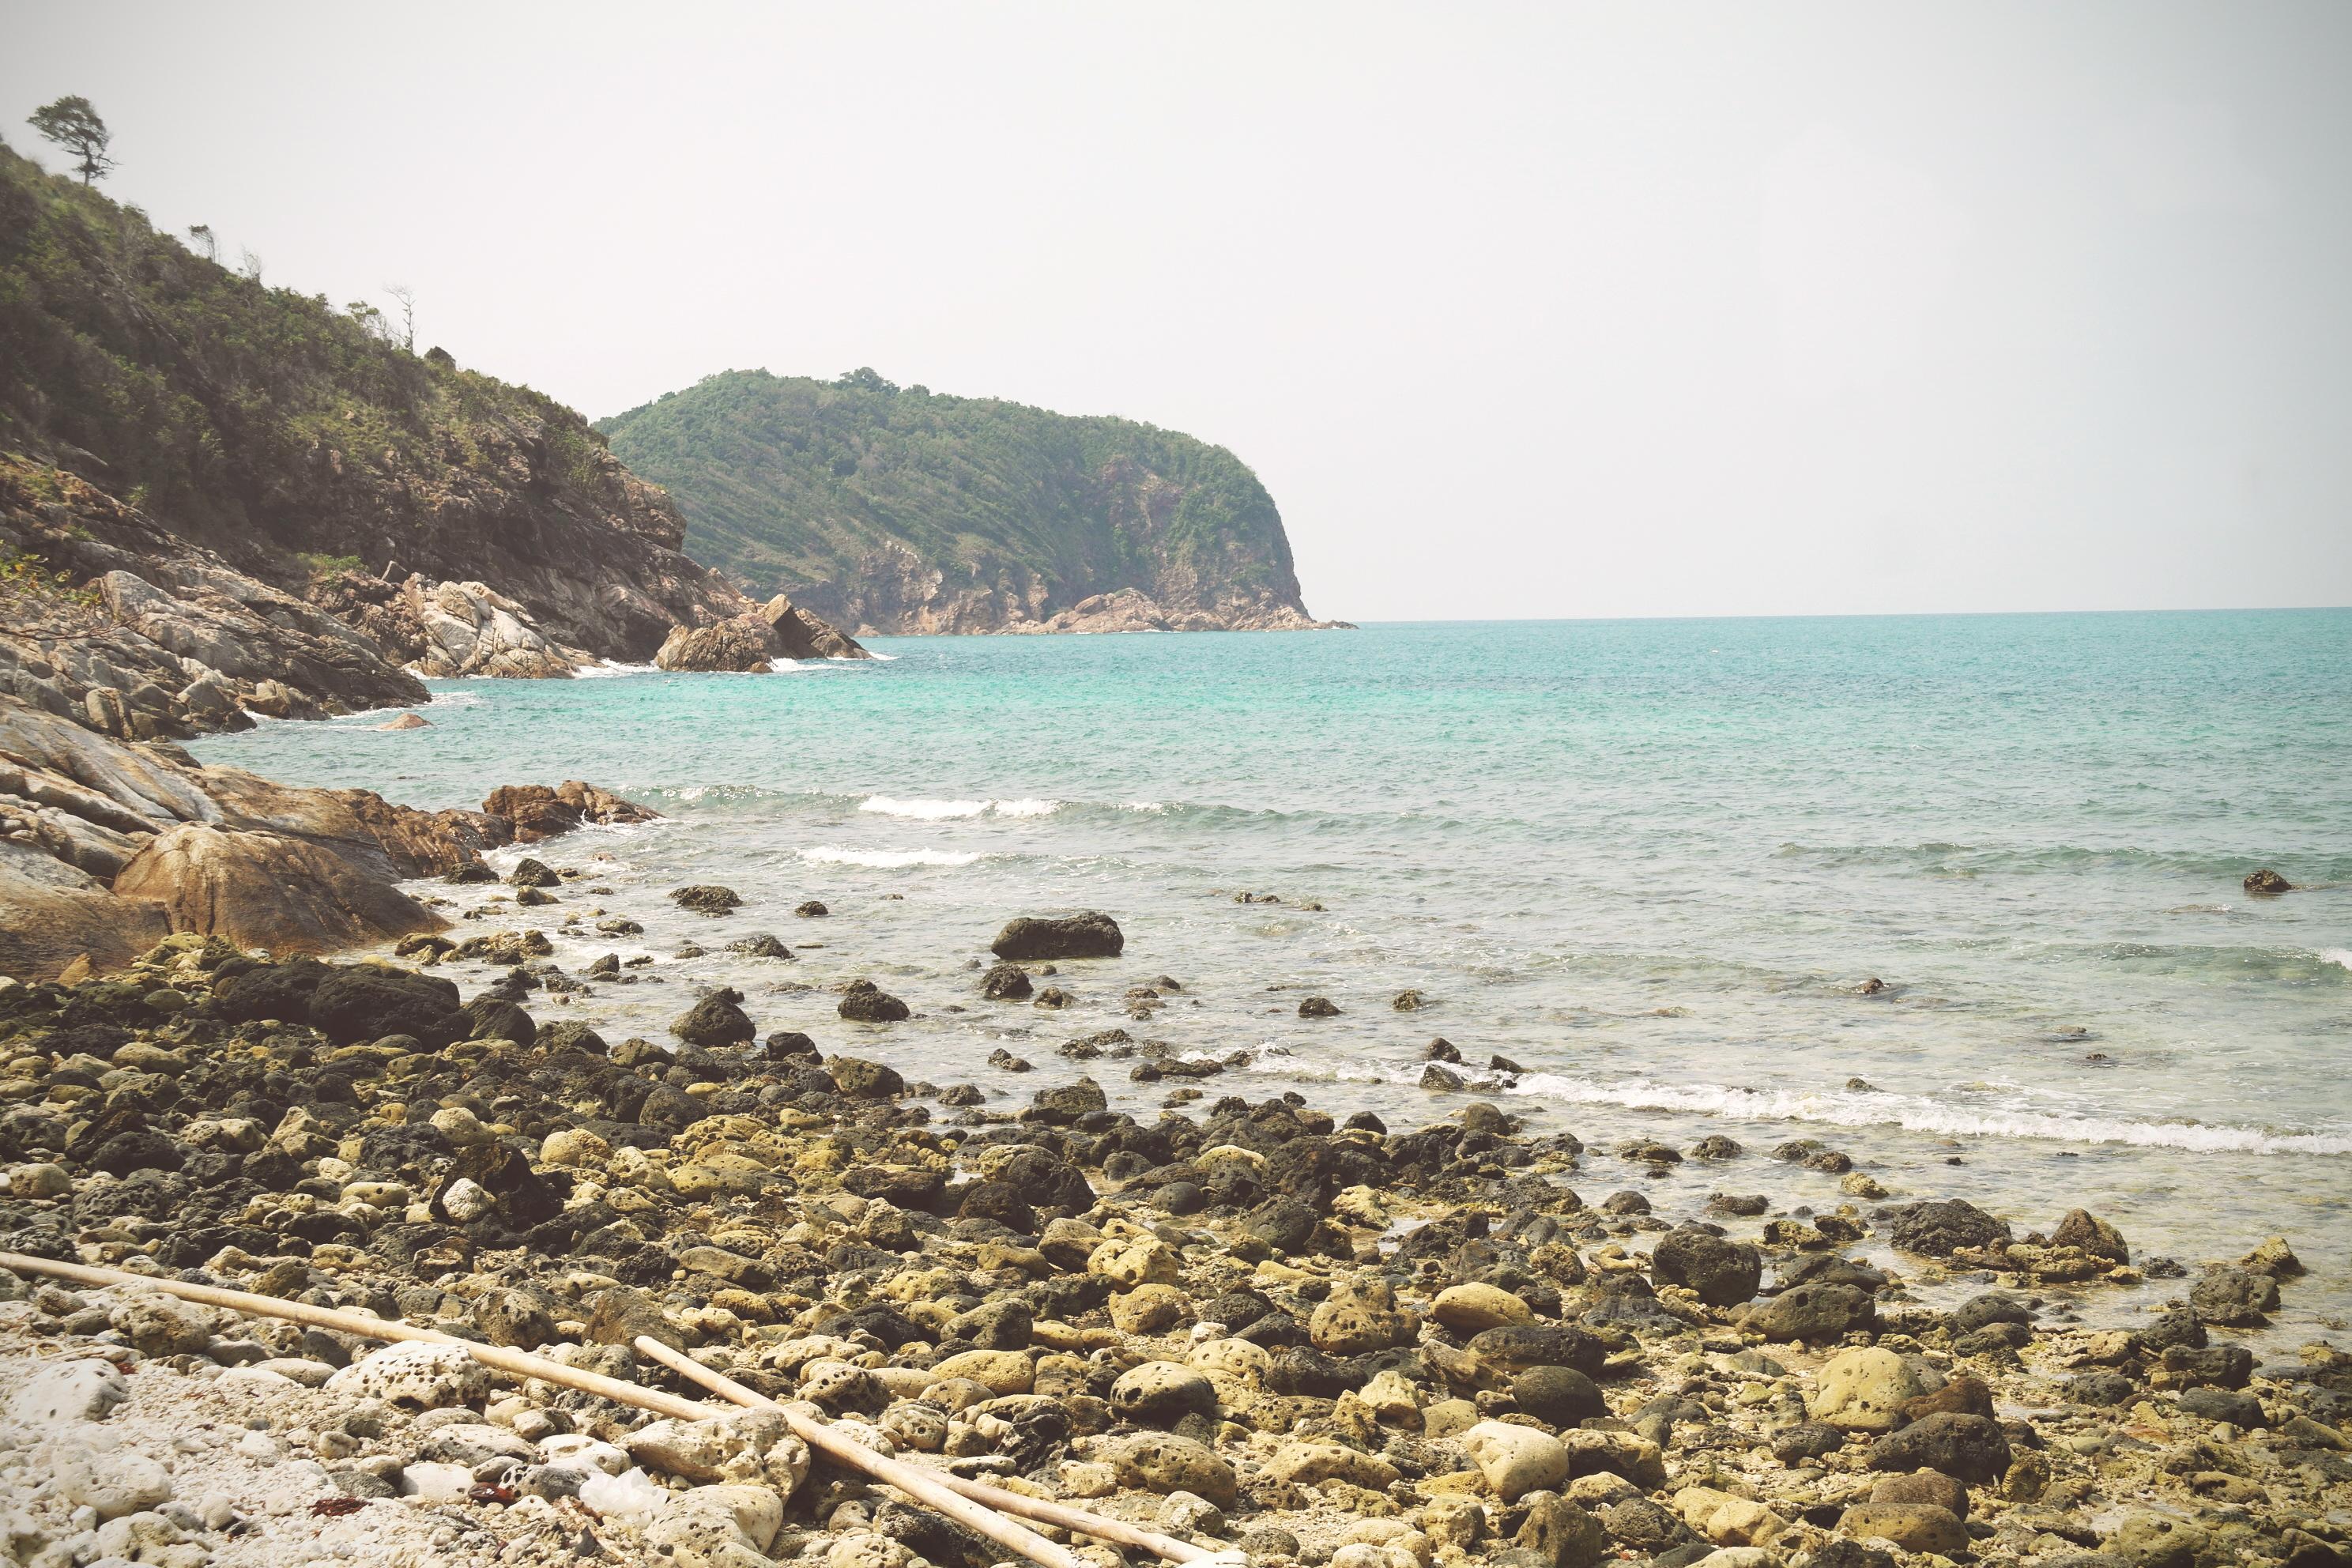 koh phangan secret beach - haad thong lang